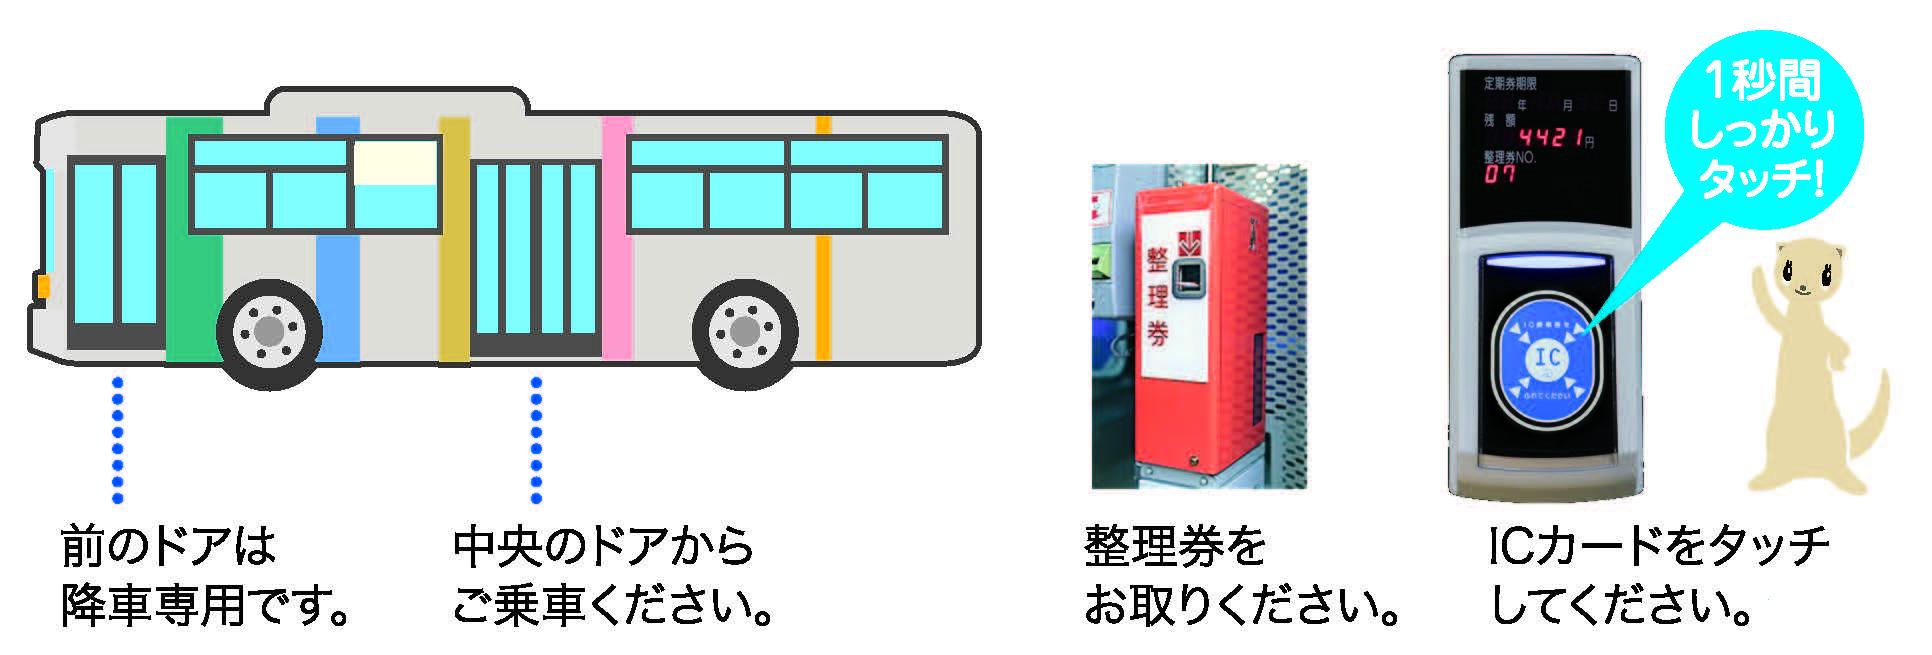 定期 西鉄 バス